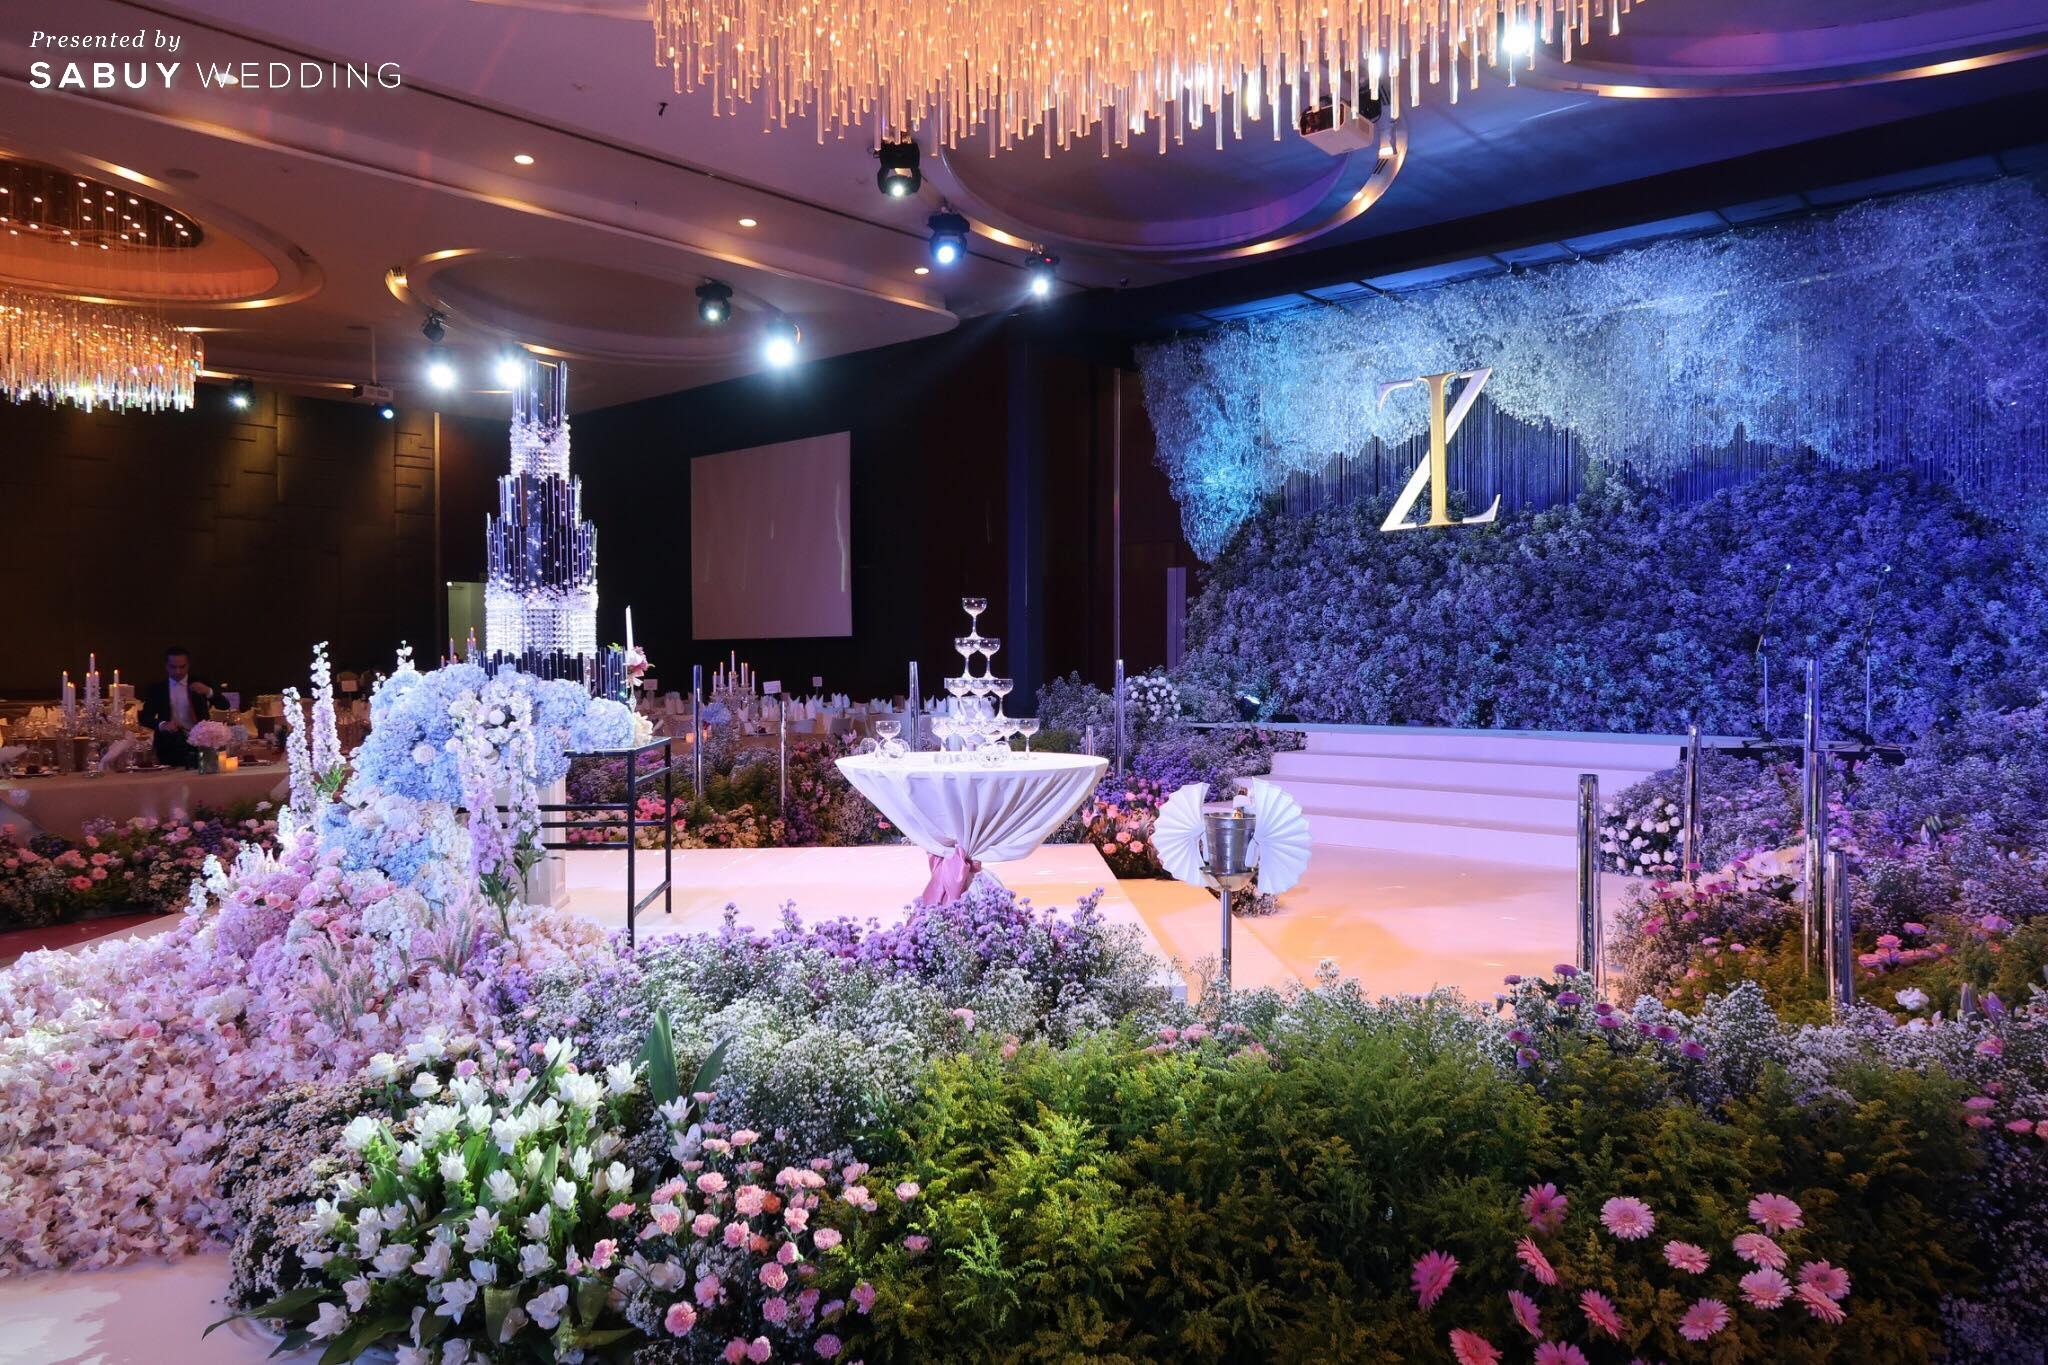 CDC Crystal Grand Ballroom,สถานที่แต่งงาน,สถานที่จัดงานแต่งงาน,สถานที่แต่งงานขนาดใหญ่,งานแต่งงาน,งานเลี้ยง,ตกแต่งงานแต่ง,จัดดอกไม้งานแต่ง,เวทีงานแต่ง CDC Crystal Grand Ballroom ห้องจัดเลี้ยงแชนเดอเลียร์สวยแกรนด์ ถ่ายรูปงานแต่งมุมไหนก็ปัง!